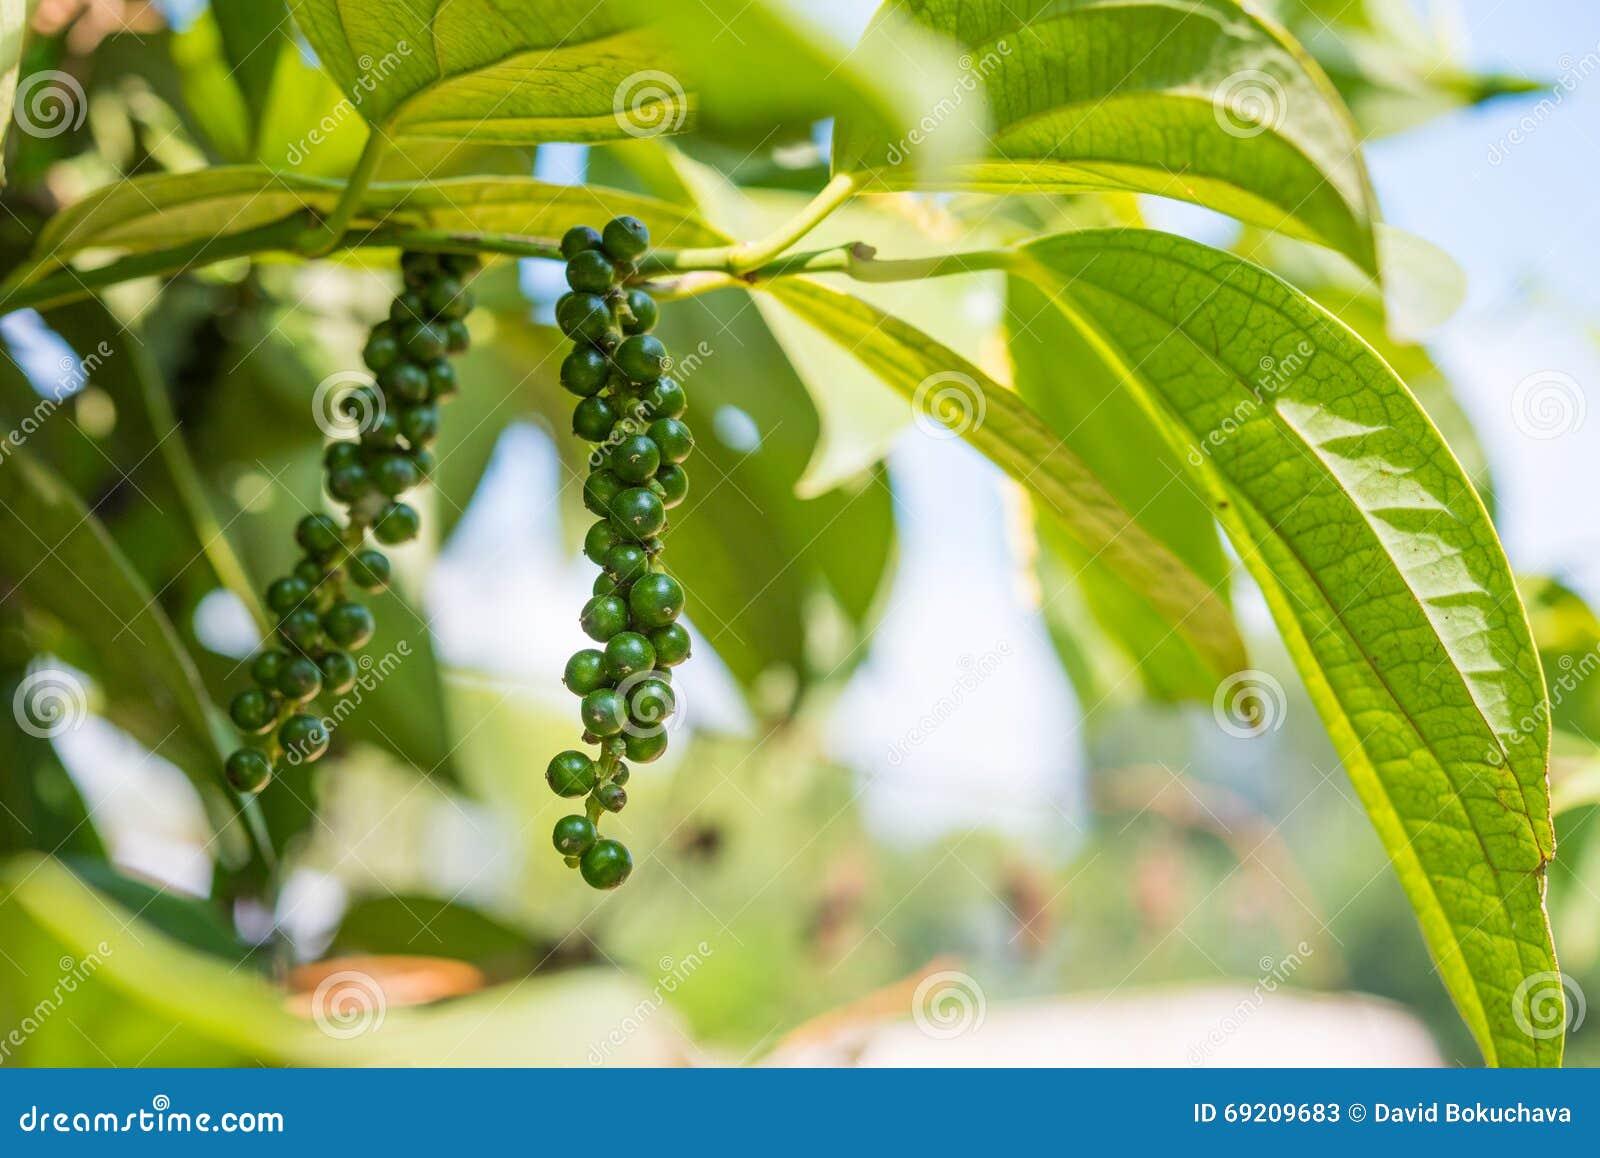 未成熟的黑胡椒,植物用绿色莓果